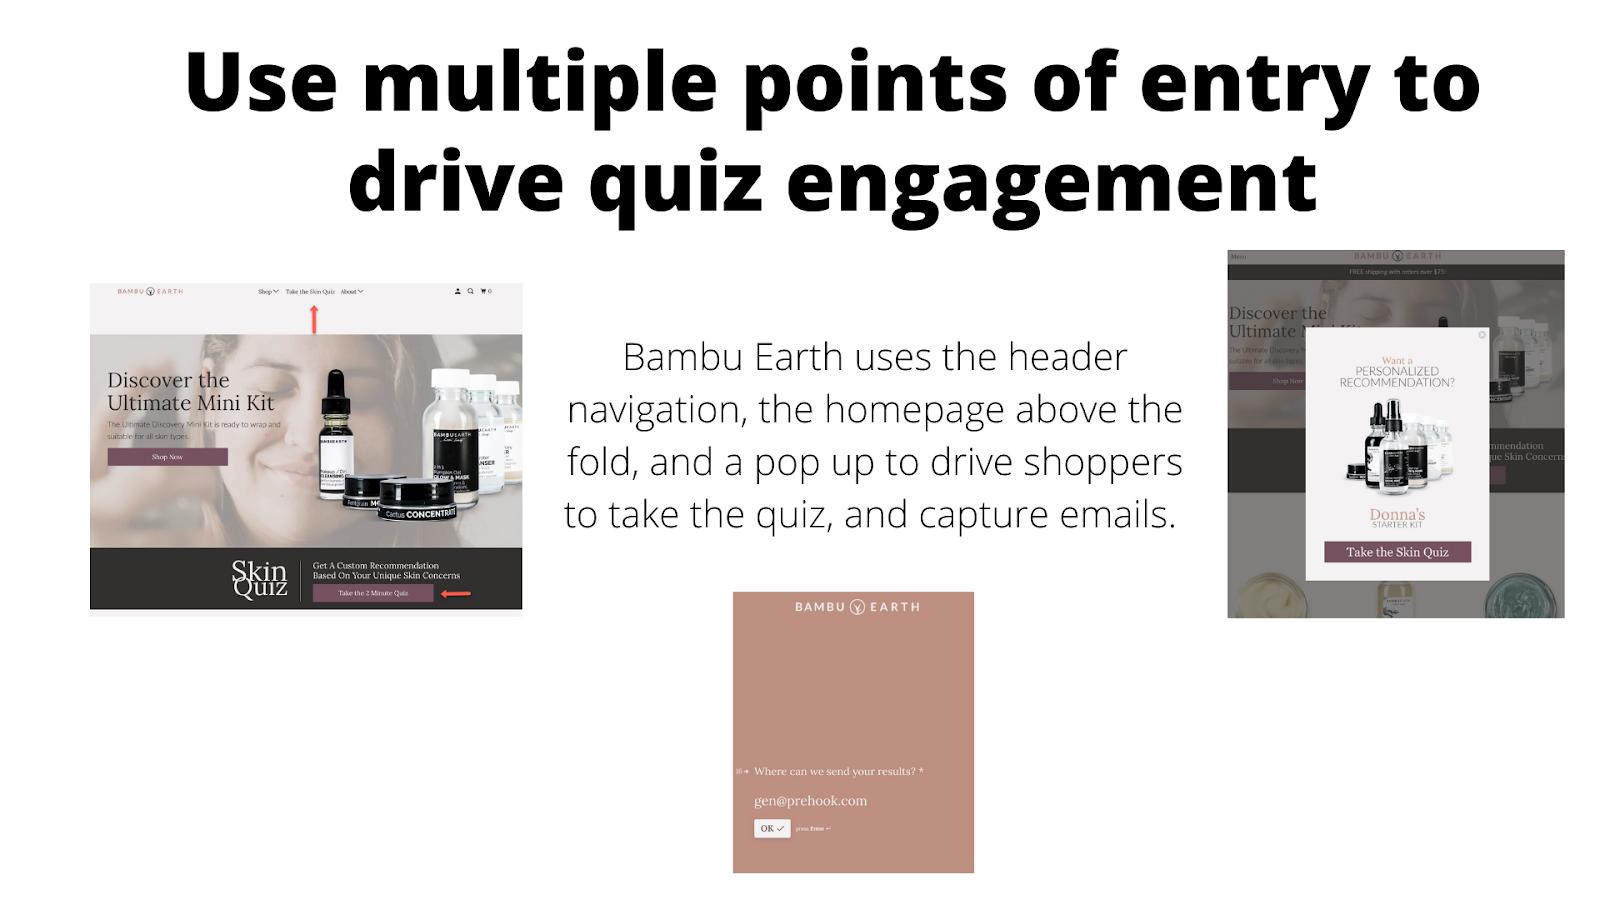 Bambu Earth